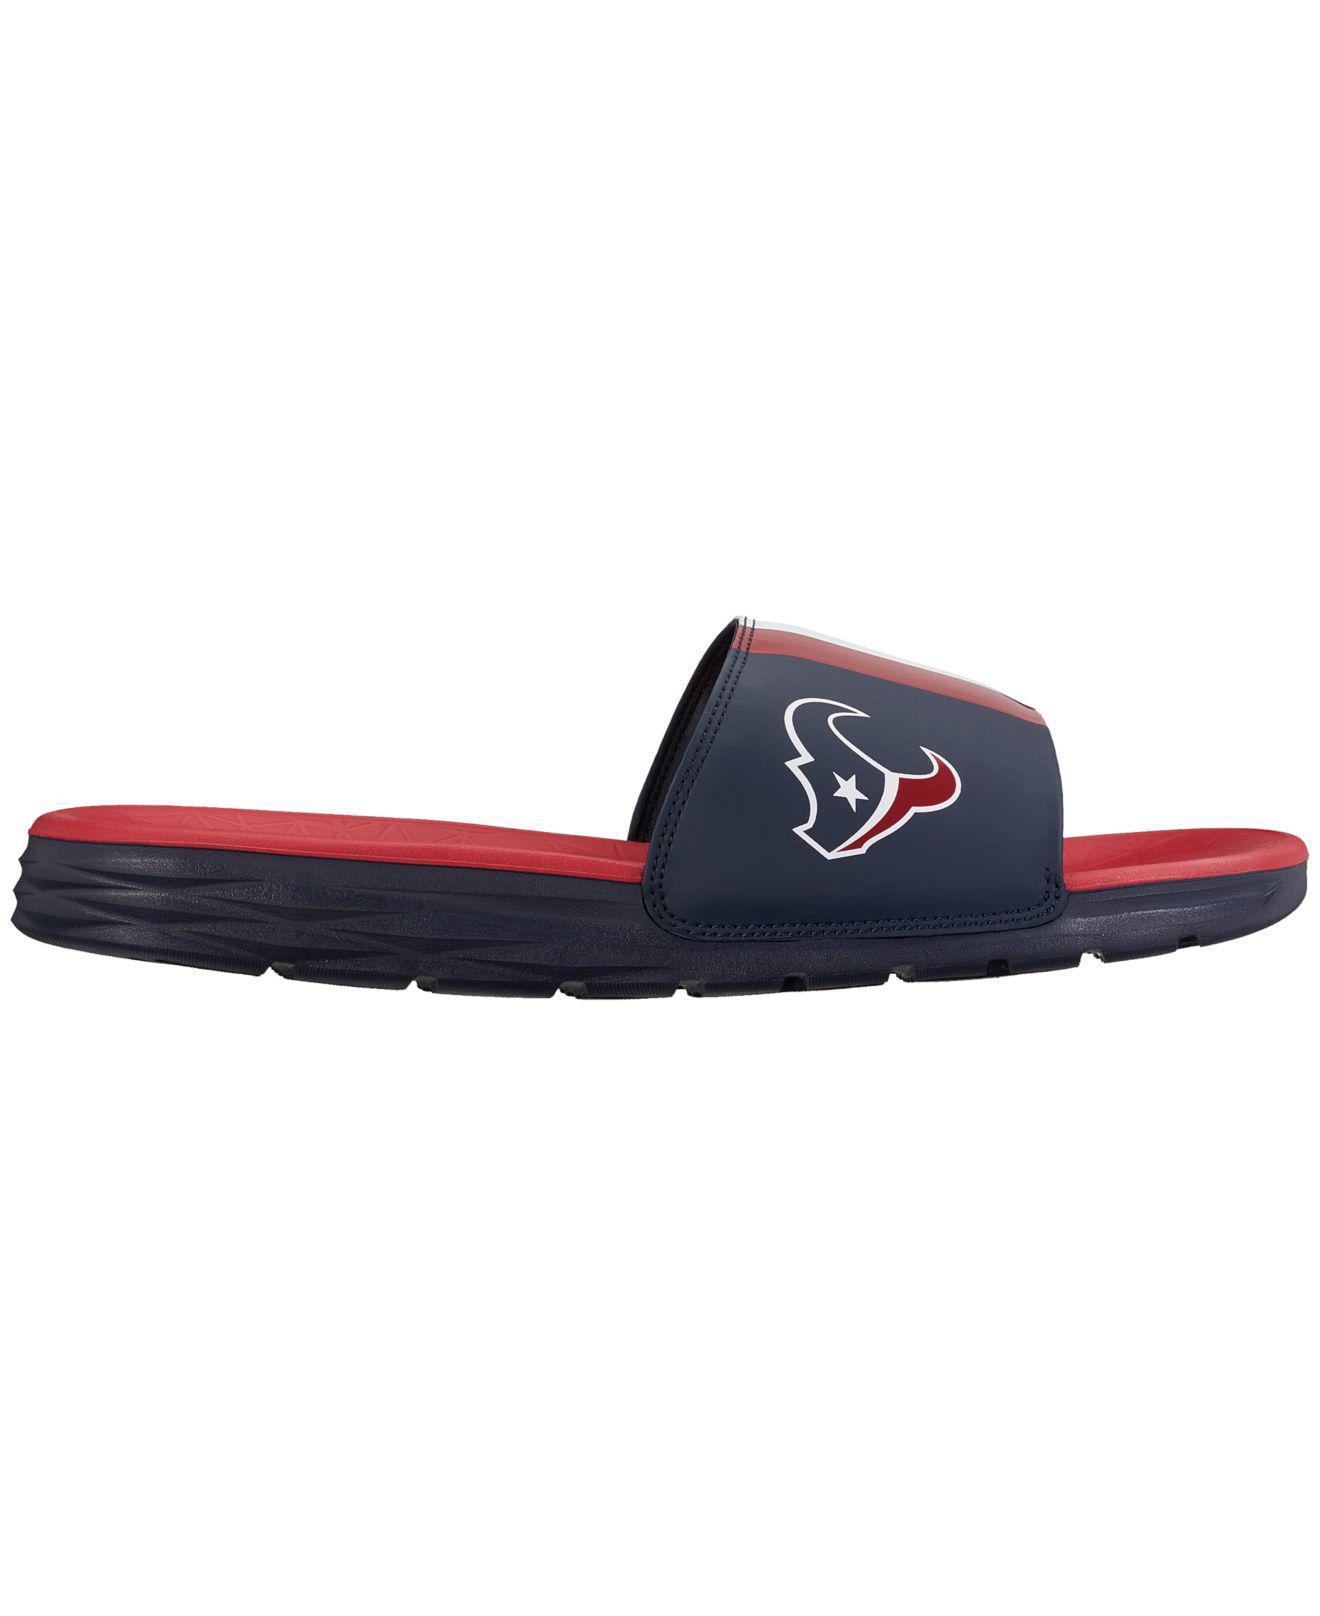 b55732341557 Lyst - Nike Houston Texans Benassi Solarsoft Slides in Blue for Men